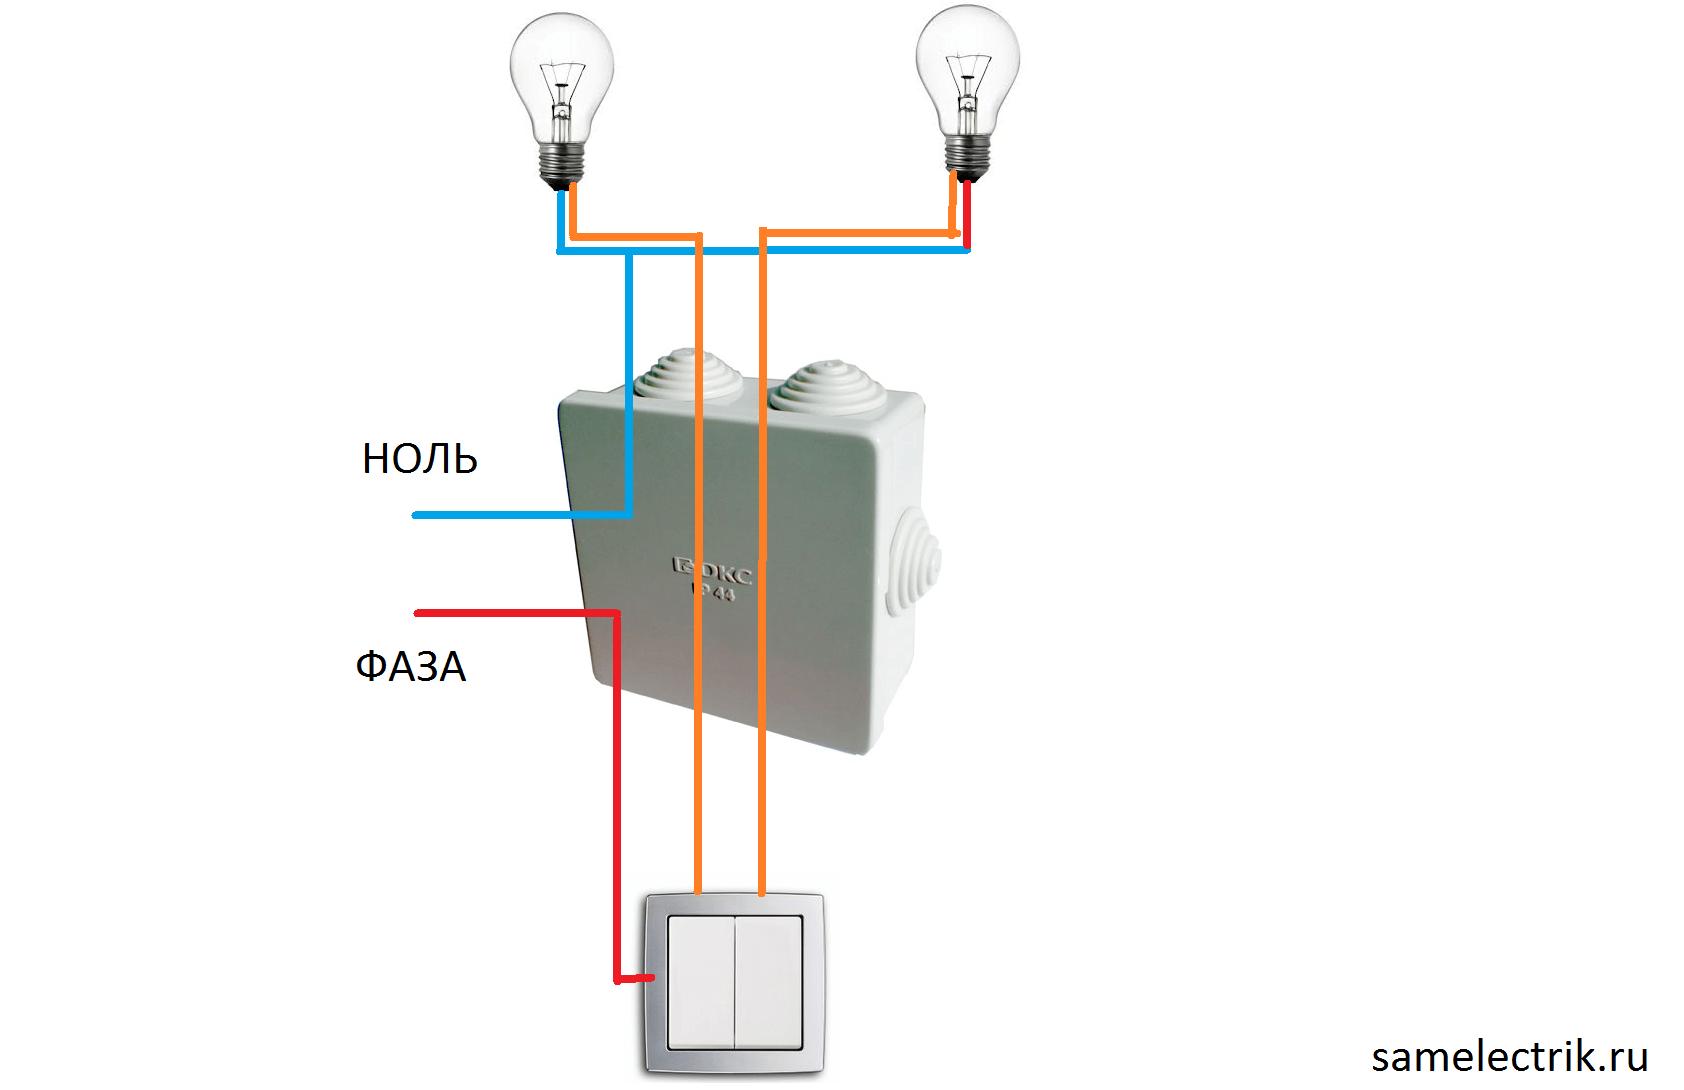 Схема подключения лампочки и выключателя в коробке